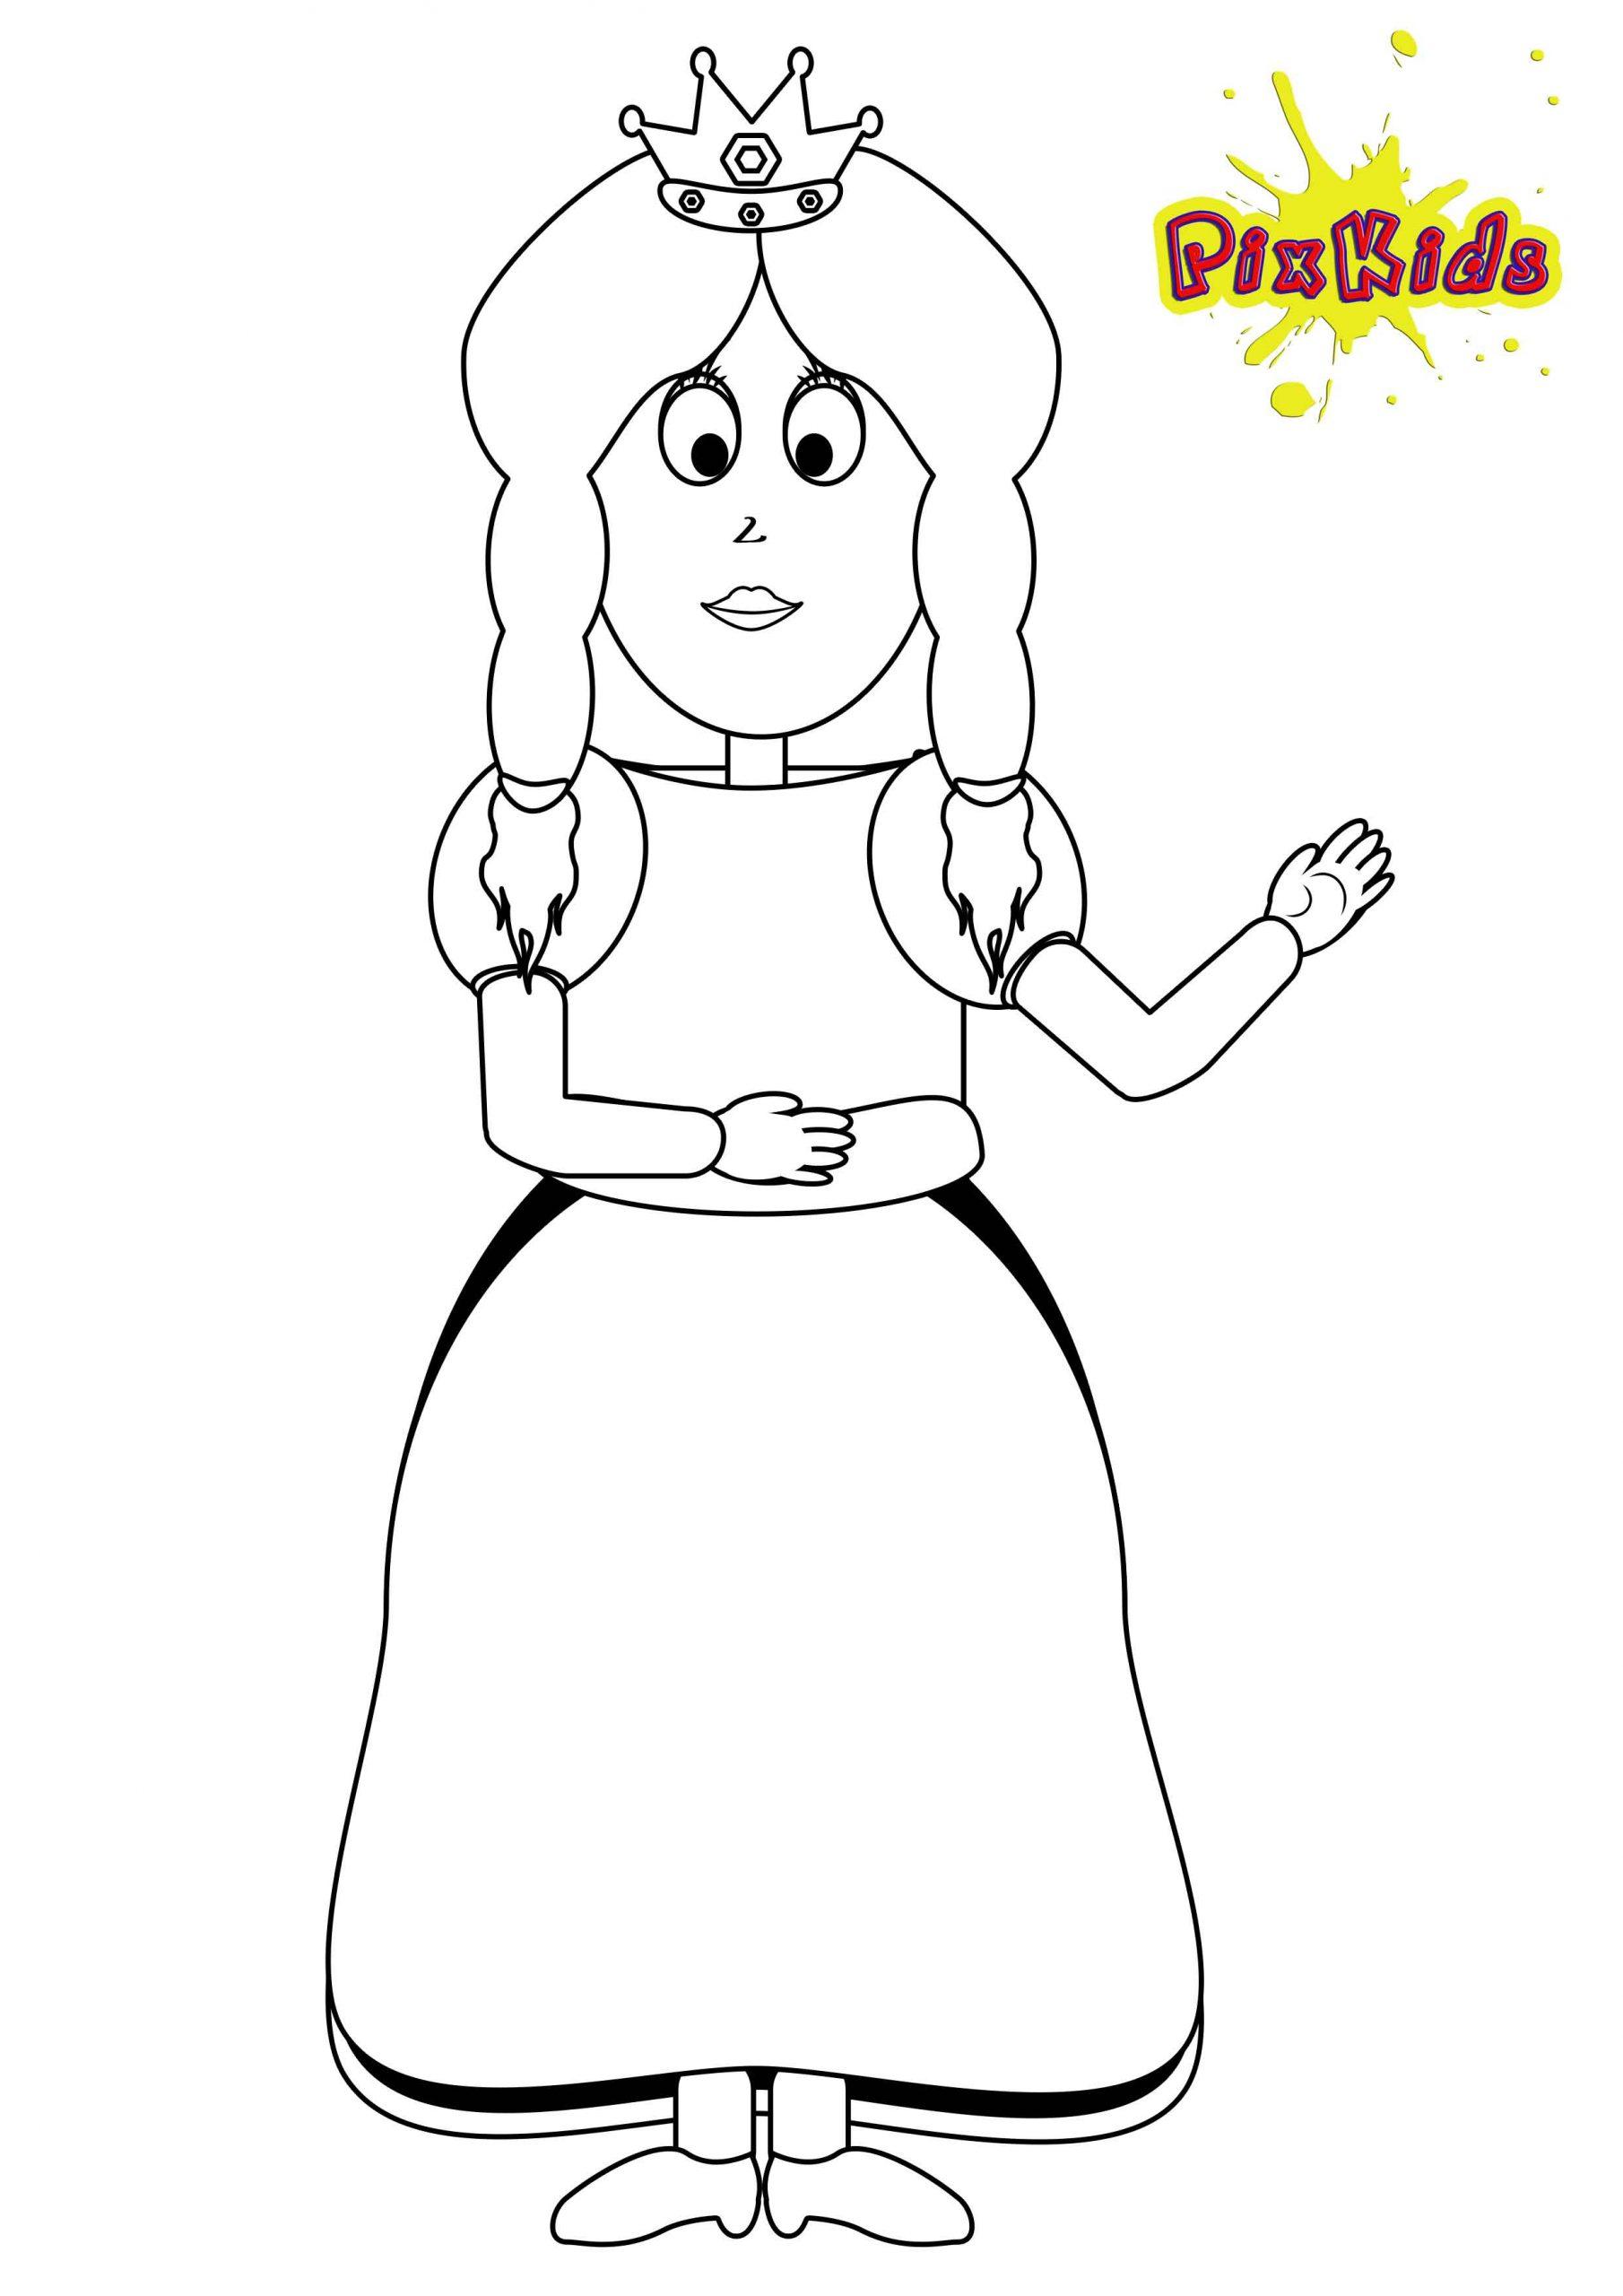 Ausmalbild Prinzessin - Kostenlose Malvorlagen innen Prinzessin Ausmalbilder Zum Ausdrucken